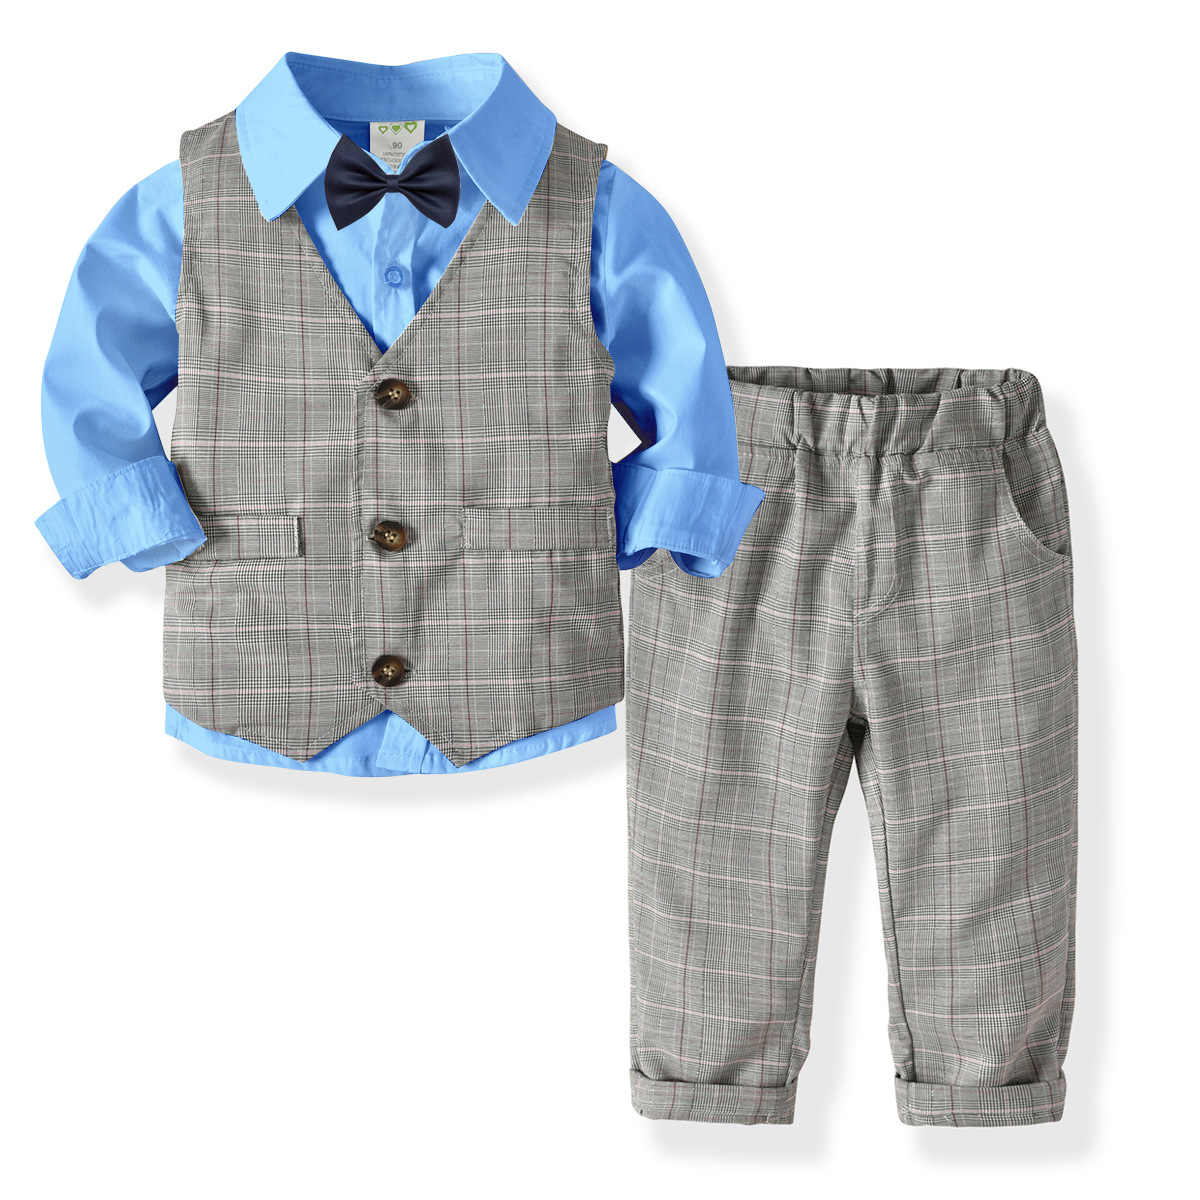 2019 אביב טרייל חליפת עבור בני ילדים פורמליות נסיך בית ספר תלמיד שמלת נטלמן ילדים חולצה אפוד מכנסיים Bowtie 4 Pcs תחפושות